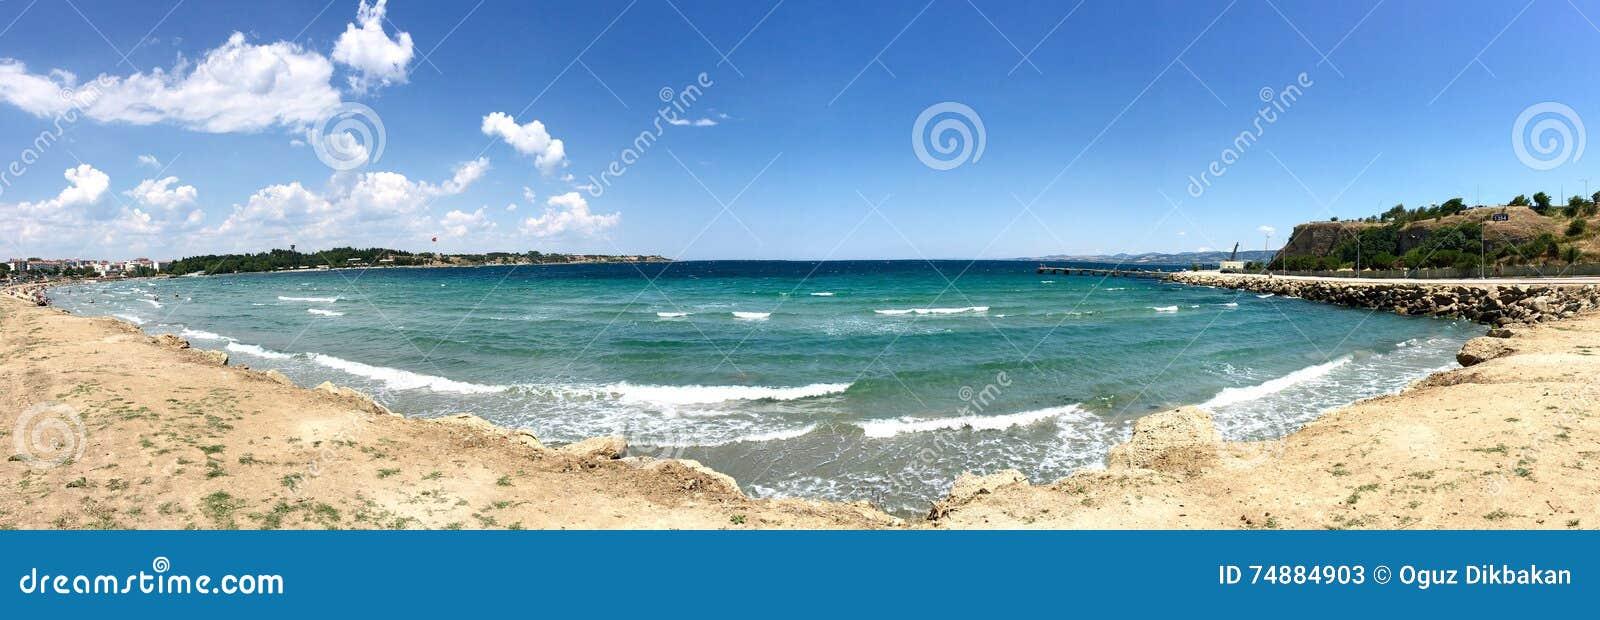 Opinião do mar do porto Gallipoli de Hamza (hamza Koyu) (Gelibolu) A cidade macedônia de Callipolis w